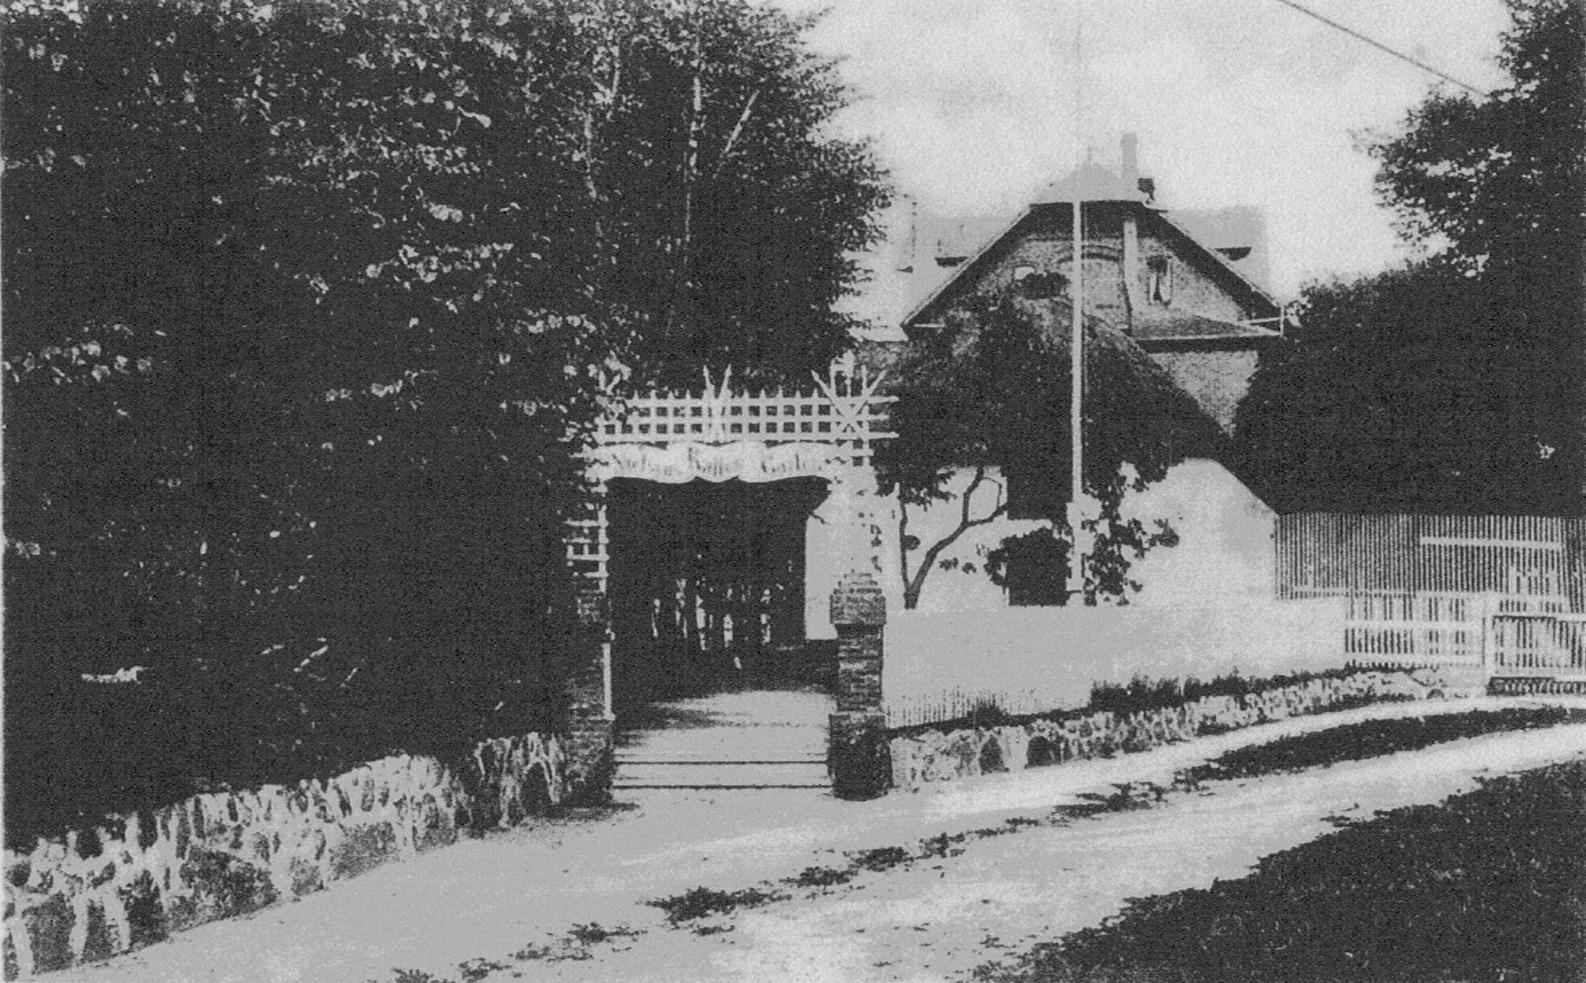 So sah der Eingang zu Nielsens Kaffeegarten in Keitum auf Sylt in den 30ger Jahren aus